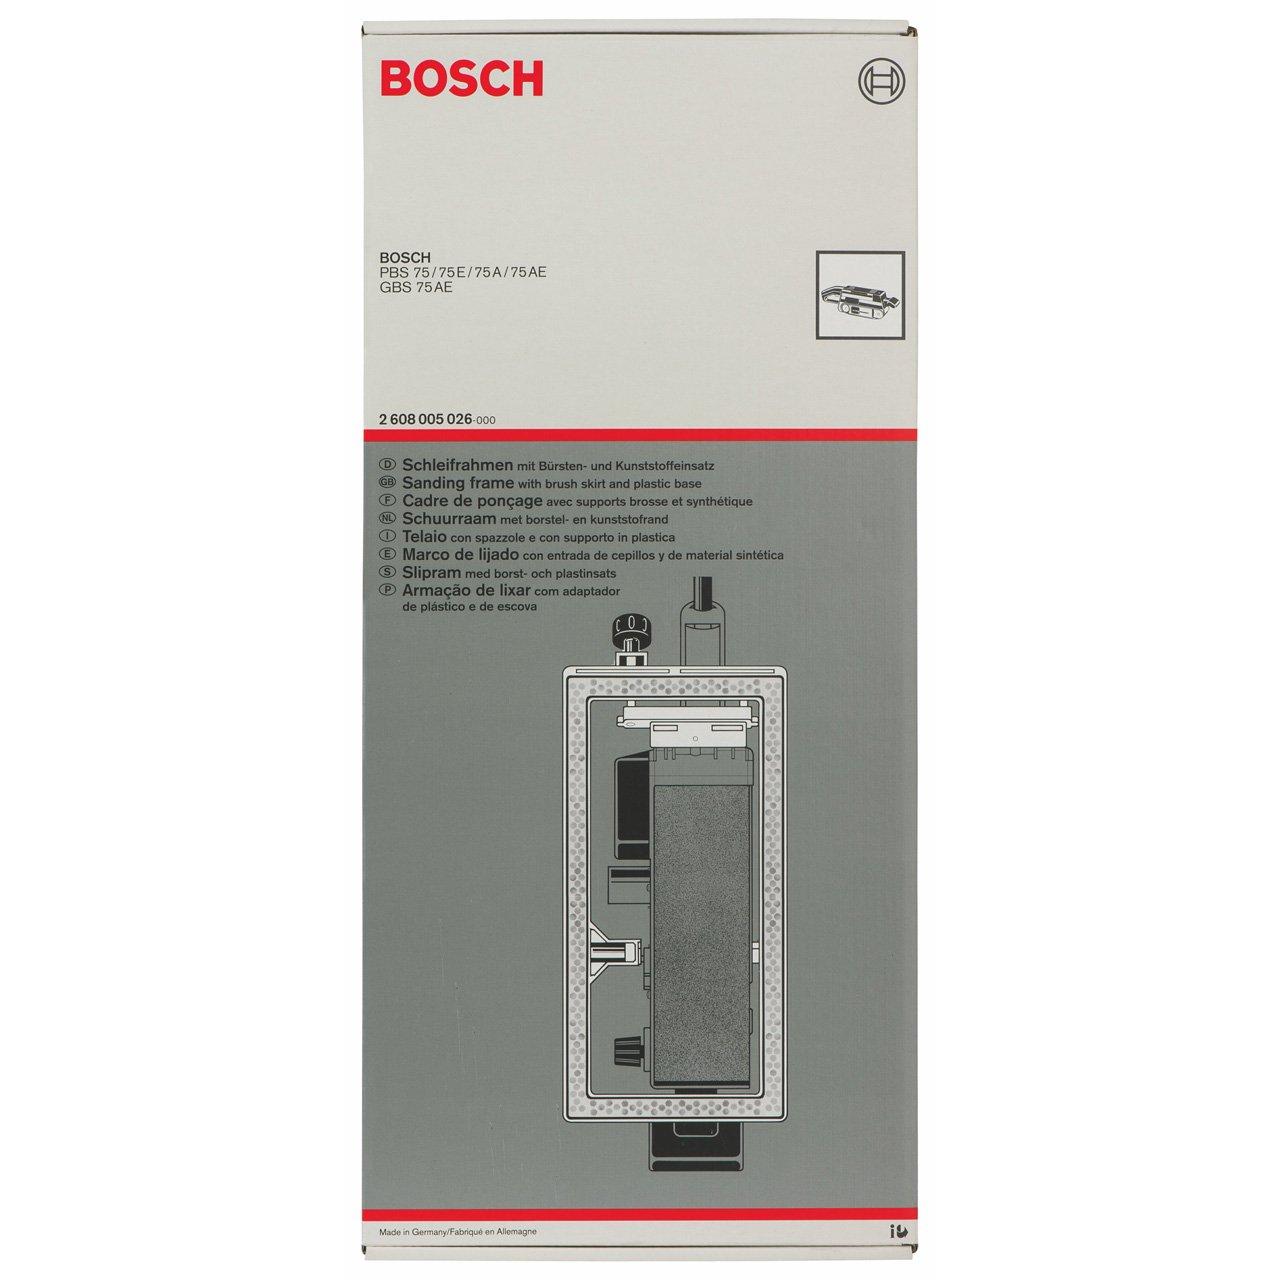 Bosch 2608005026 Schleifr.Bürsteneins.f.PBS+GBS 75  BaumarktKundenbewertung: